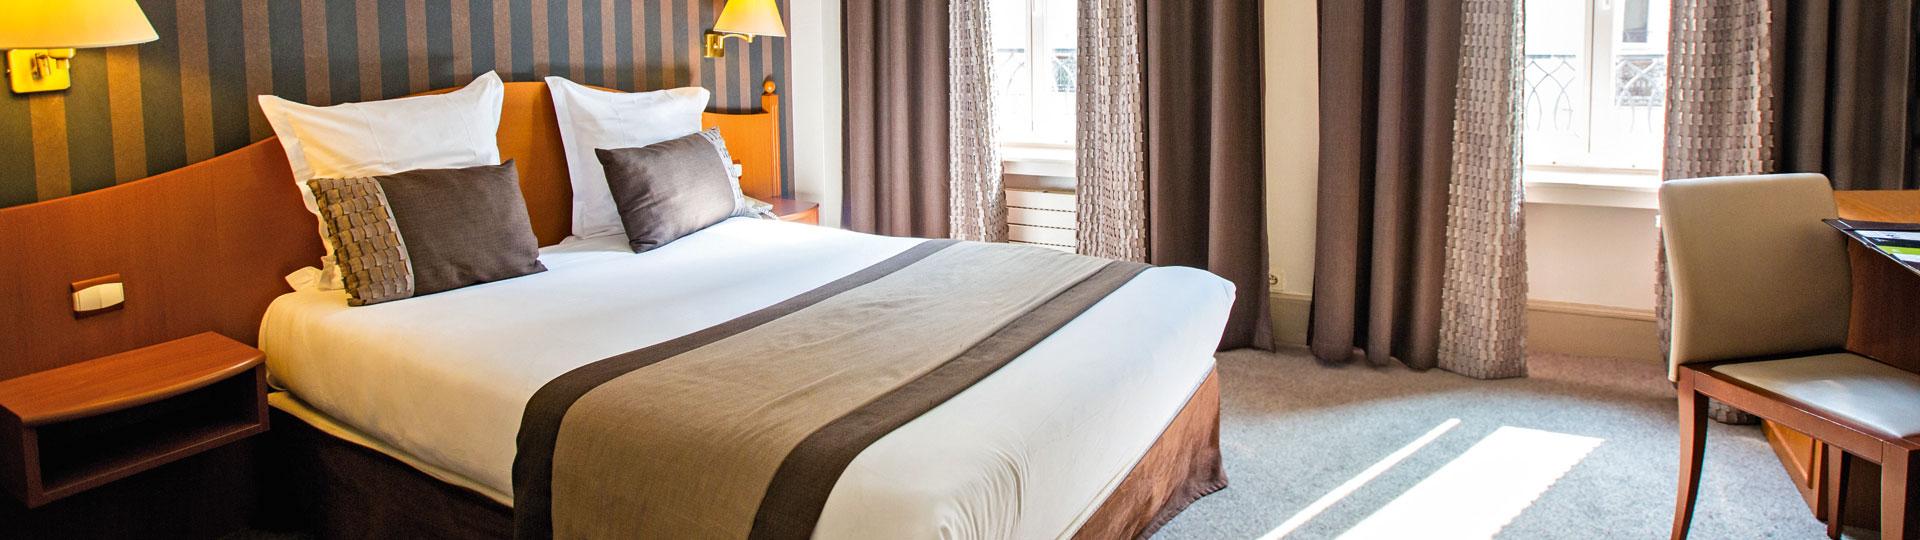 réservation hôtel paris 10ème